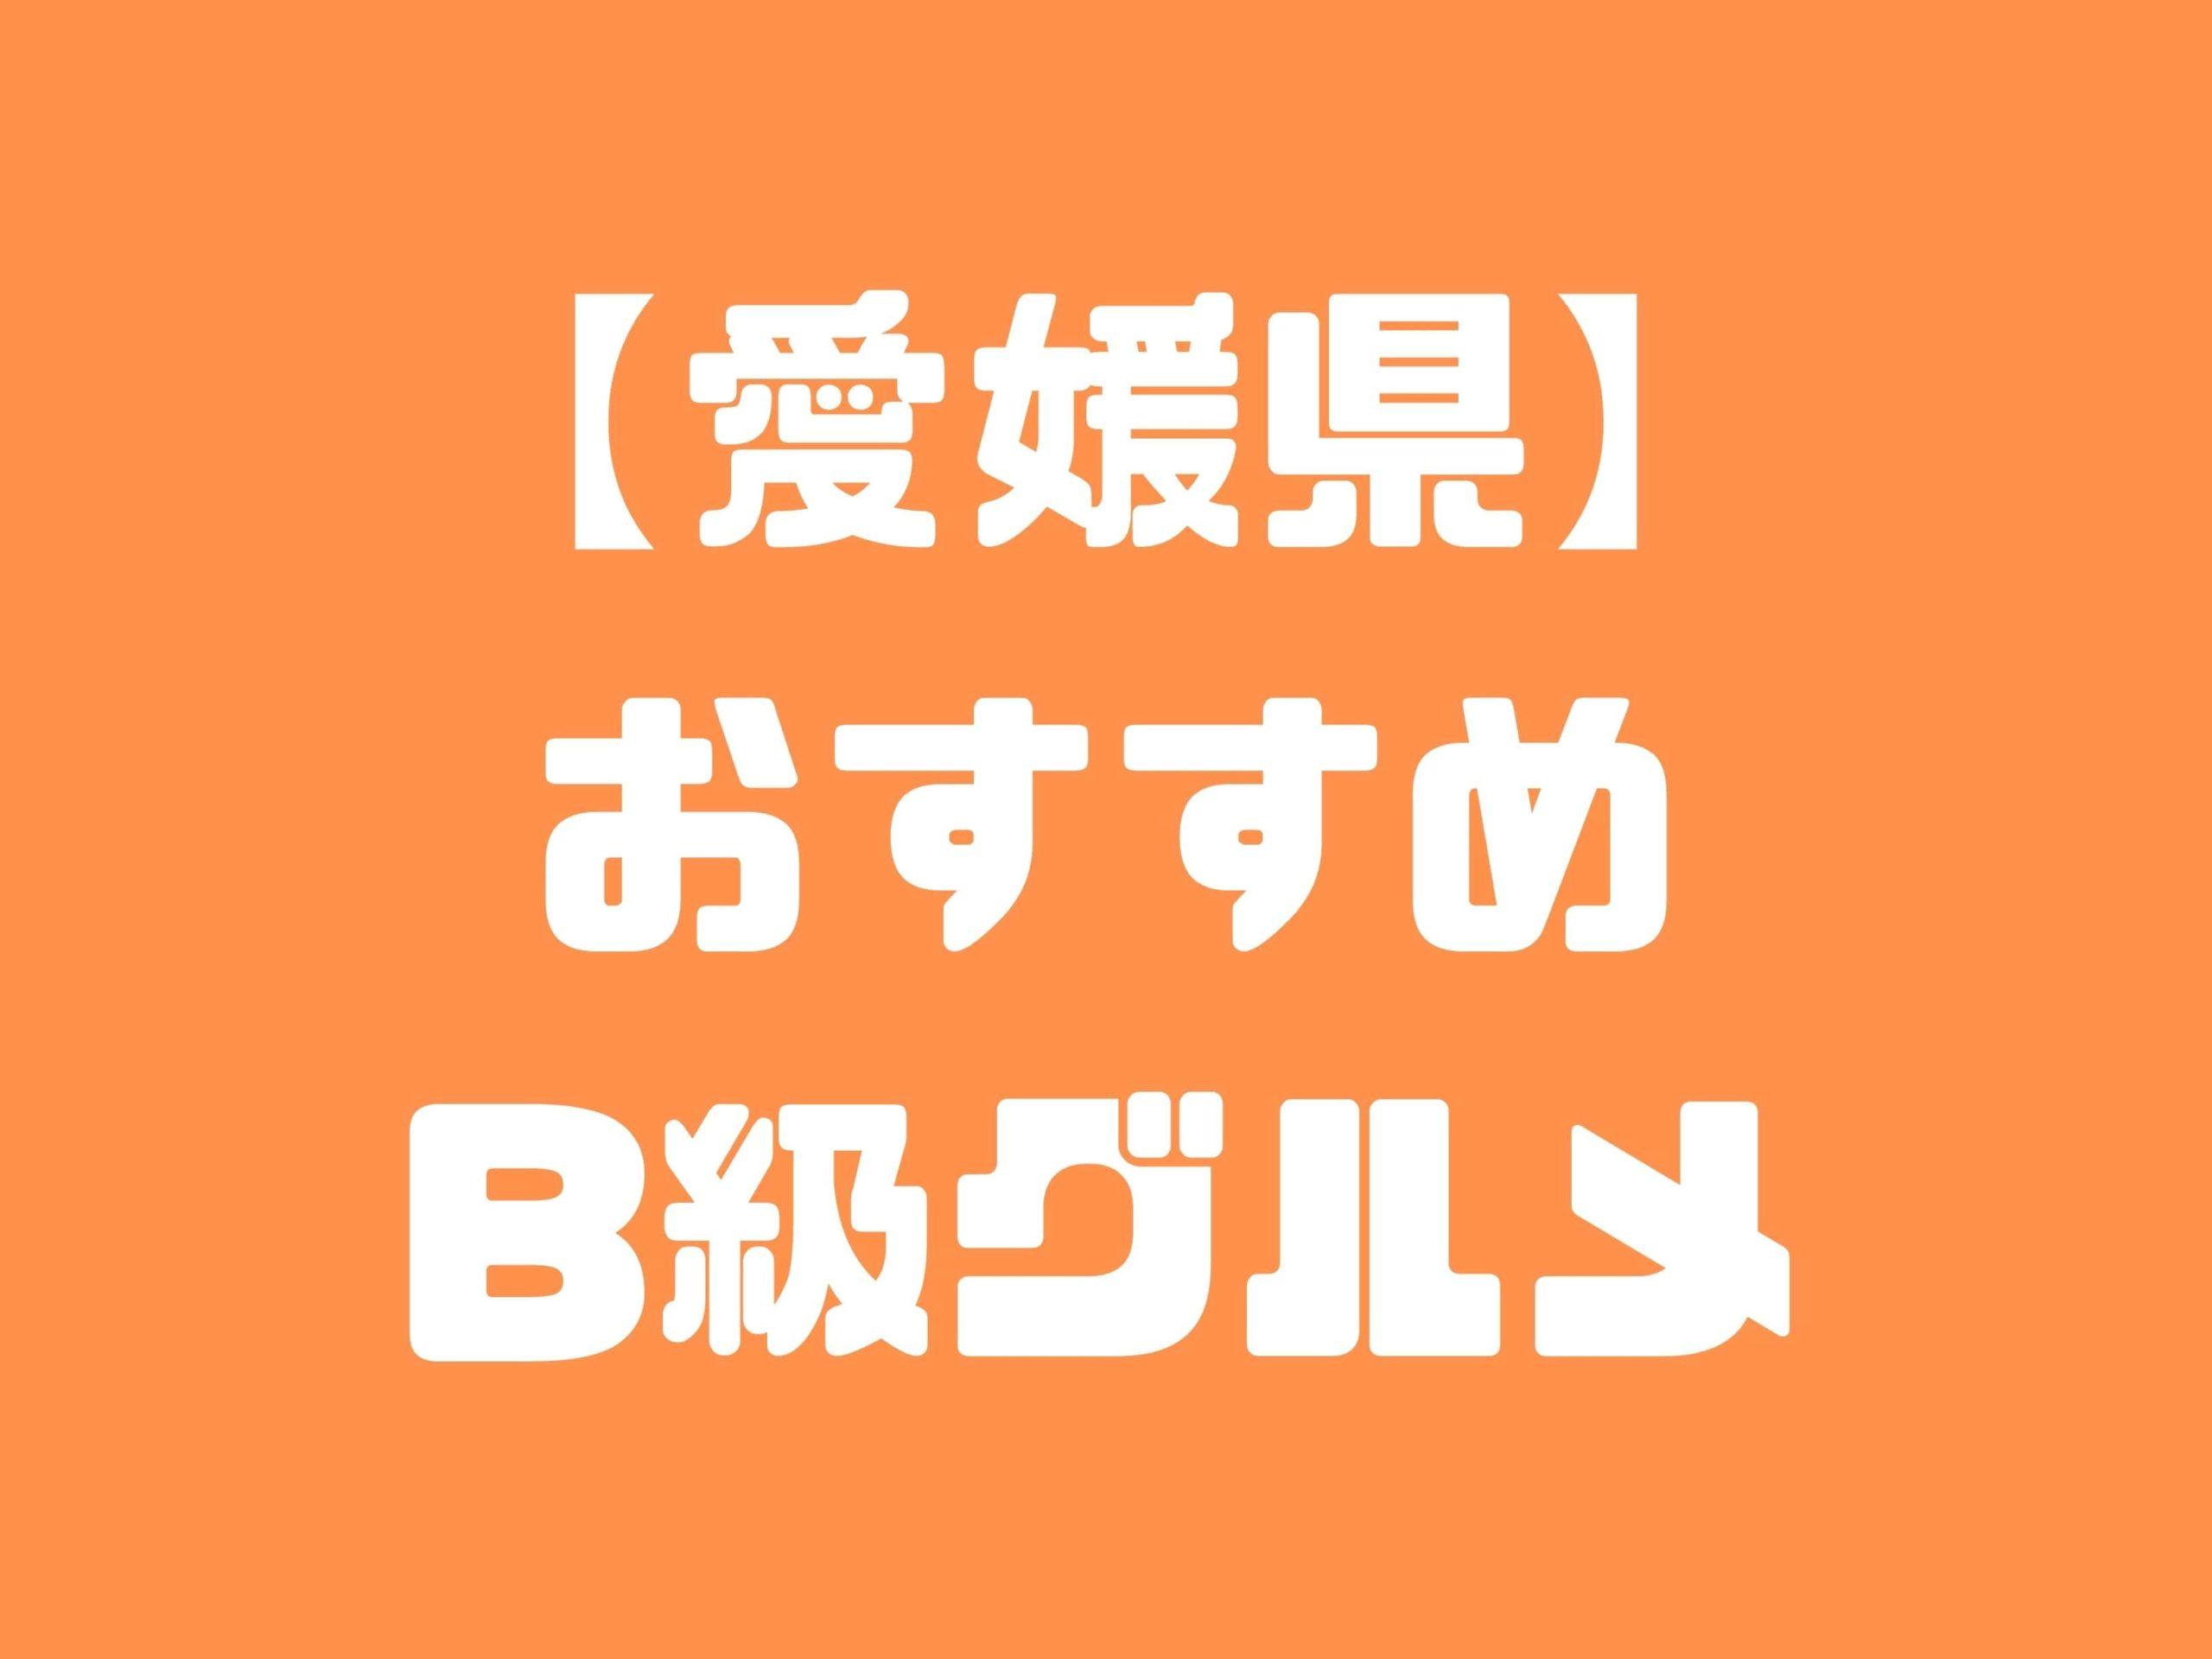 【愛媛県版】秘密のケンミンSHOWまとめ